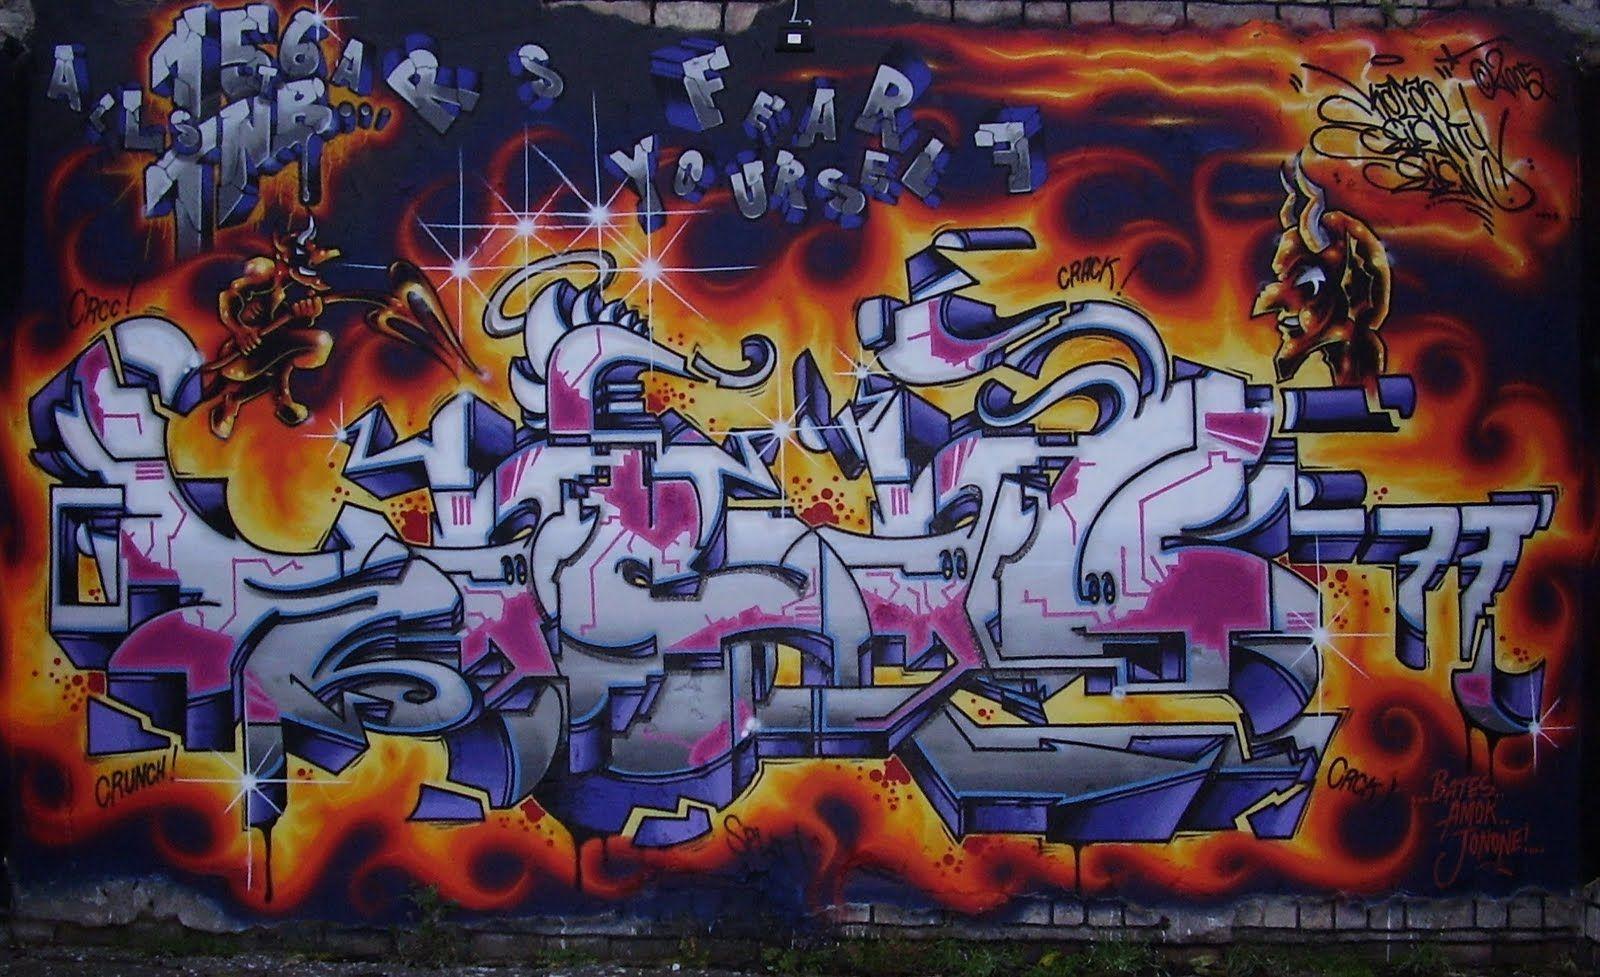 Berlin Graffiti Art Jpg 1600 977 Graffiti Murals Graffiti